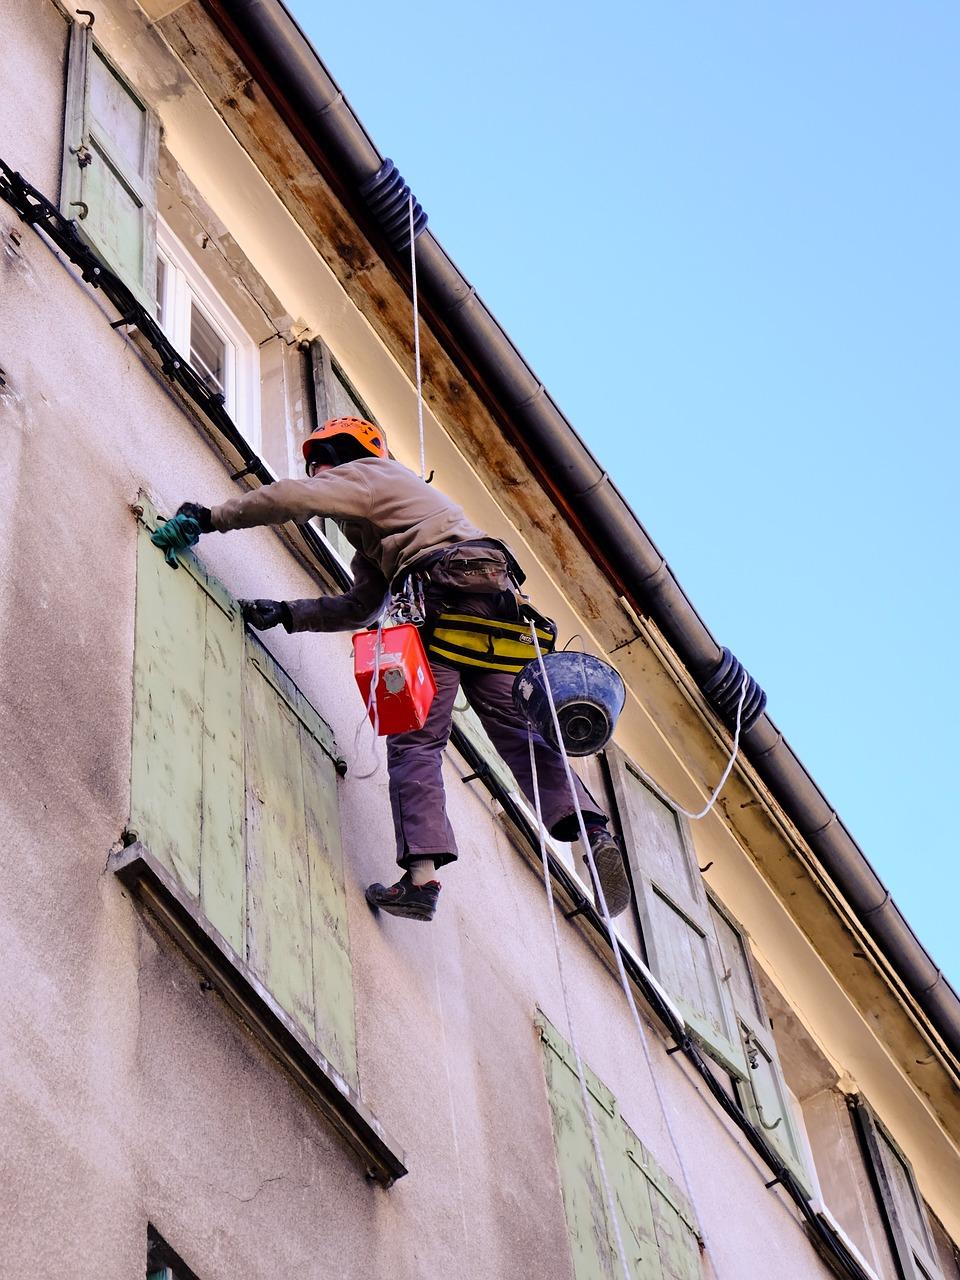 Homme sur façade d'immeuble